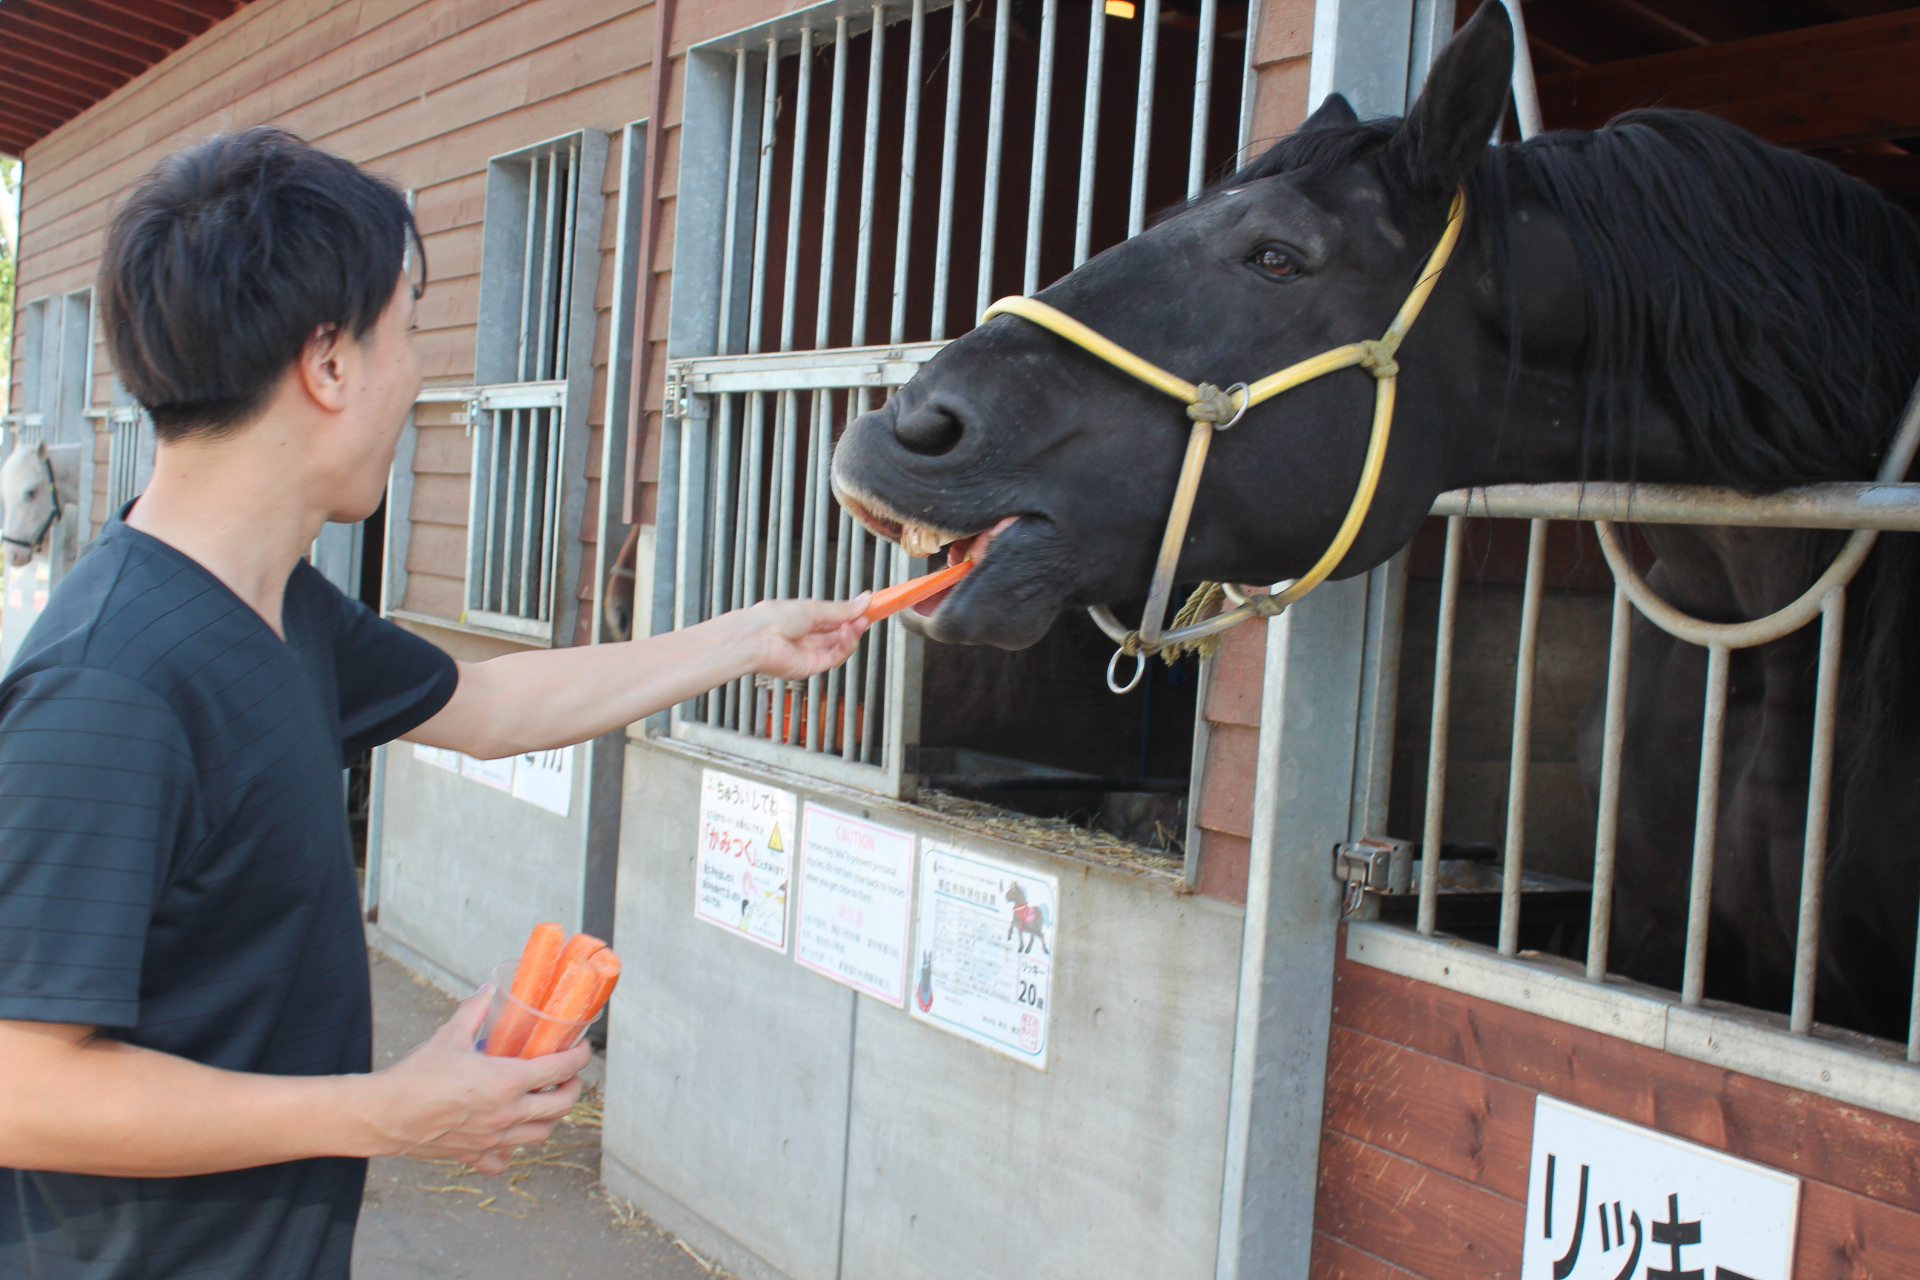 帯広競馬場では輓馬に人参をあげることができます。